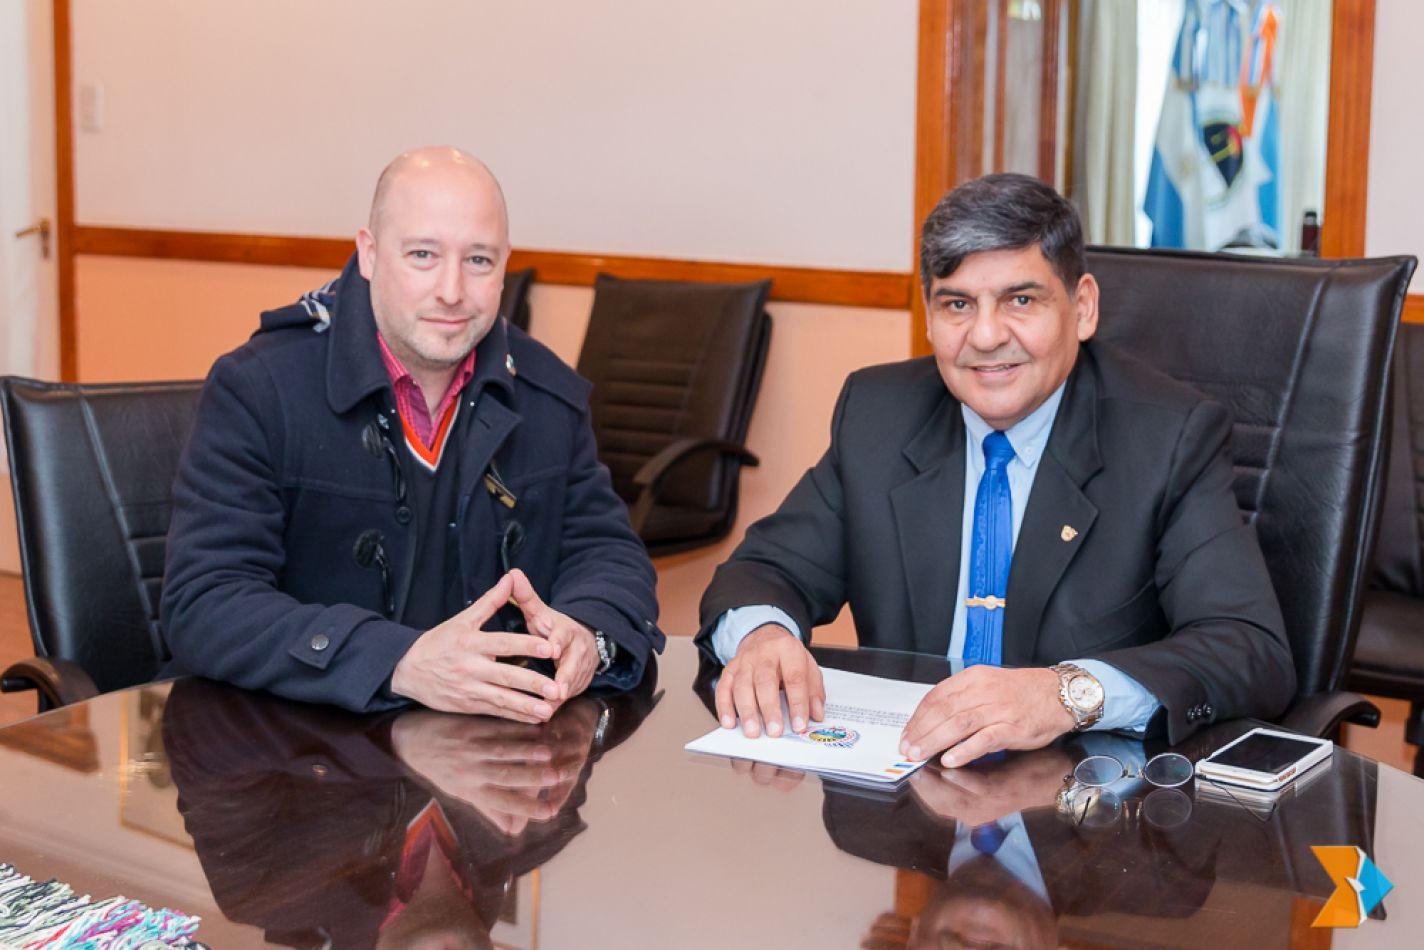 El presidente de la Asociación Civil de Bomberos Voluntarios de Ushuaia, José Abdala, fue recibido por el titular del Parlamento, Juan Carlos Arcando